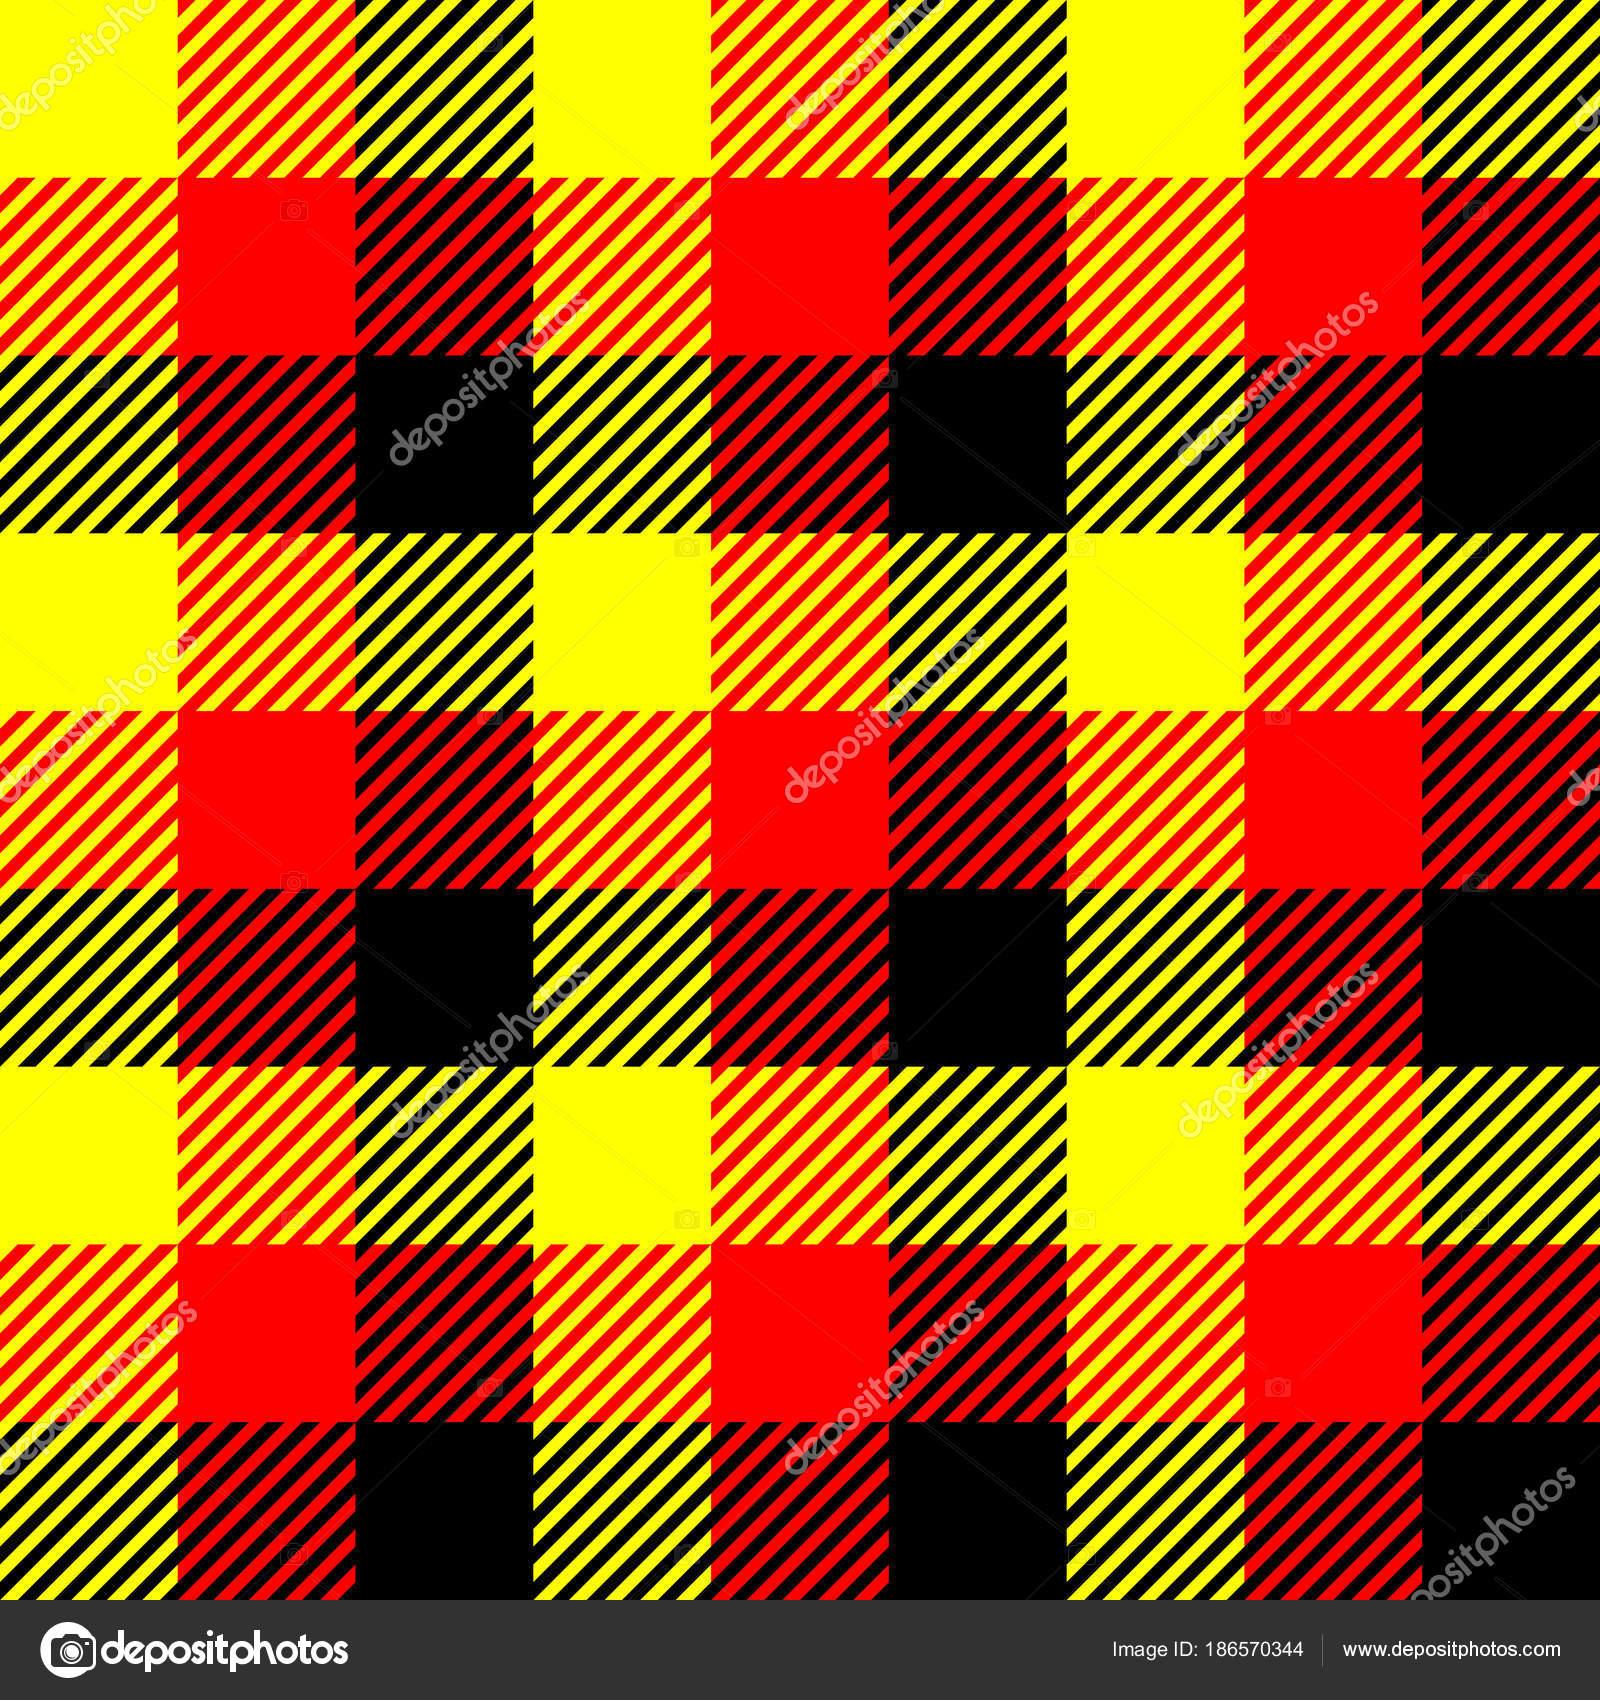 Holzfäller-Karo-Muster in rot, gelb und schwarz. Nahtlose ...